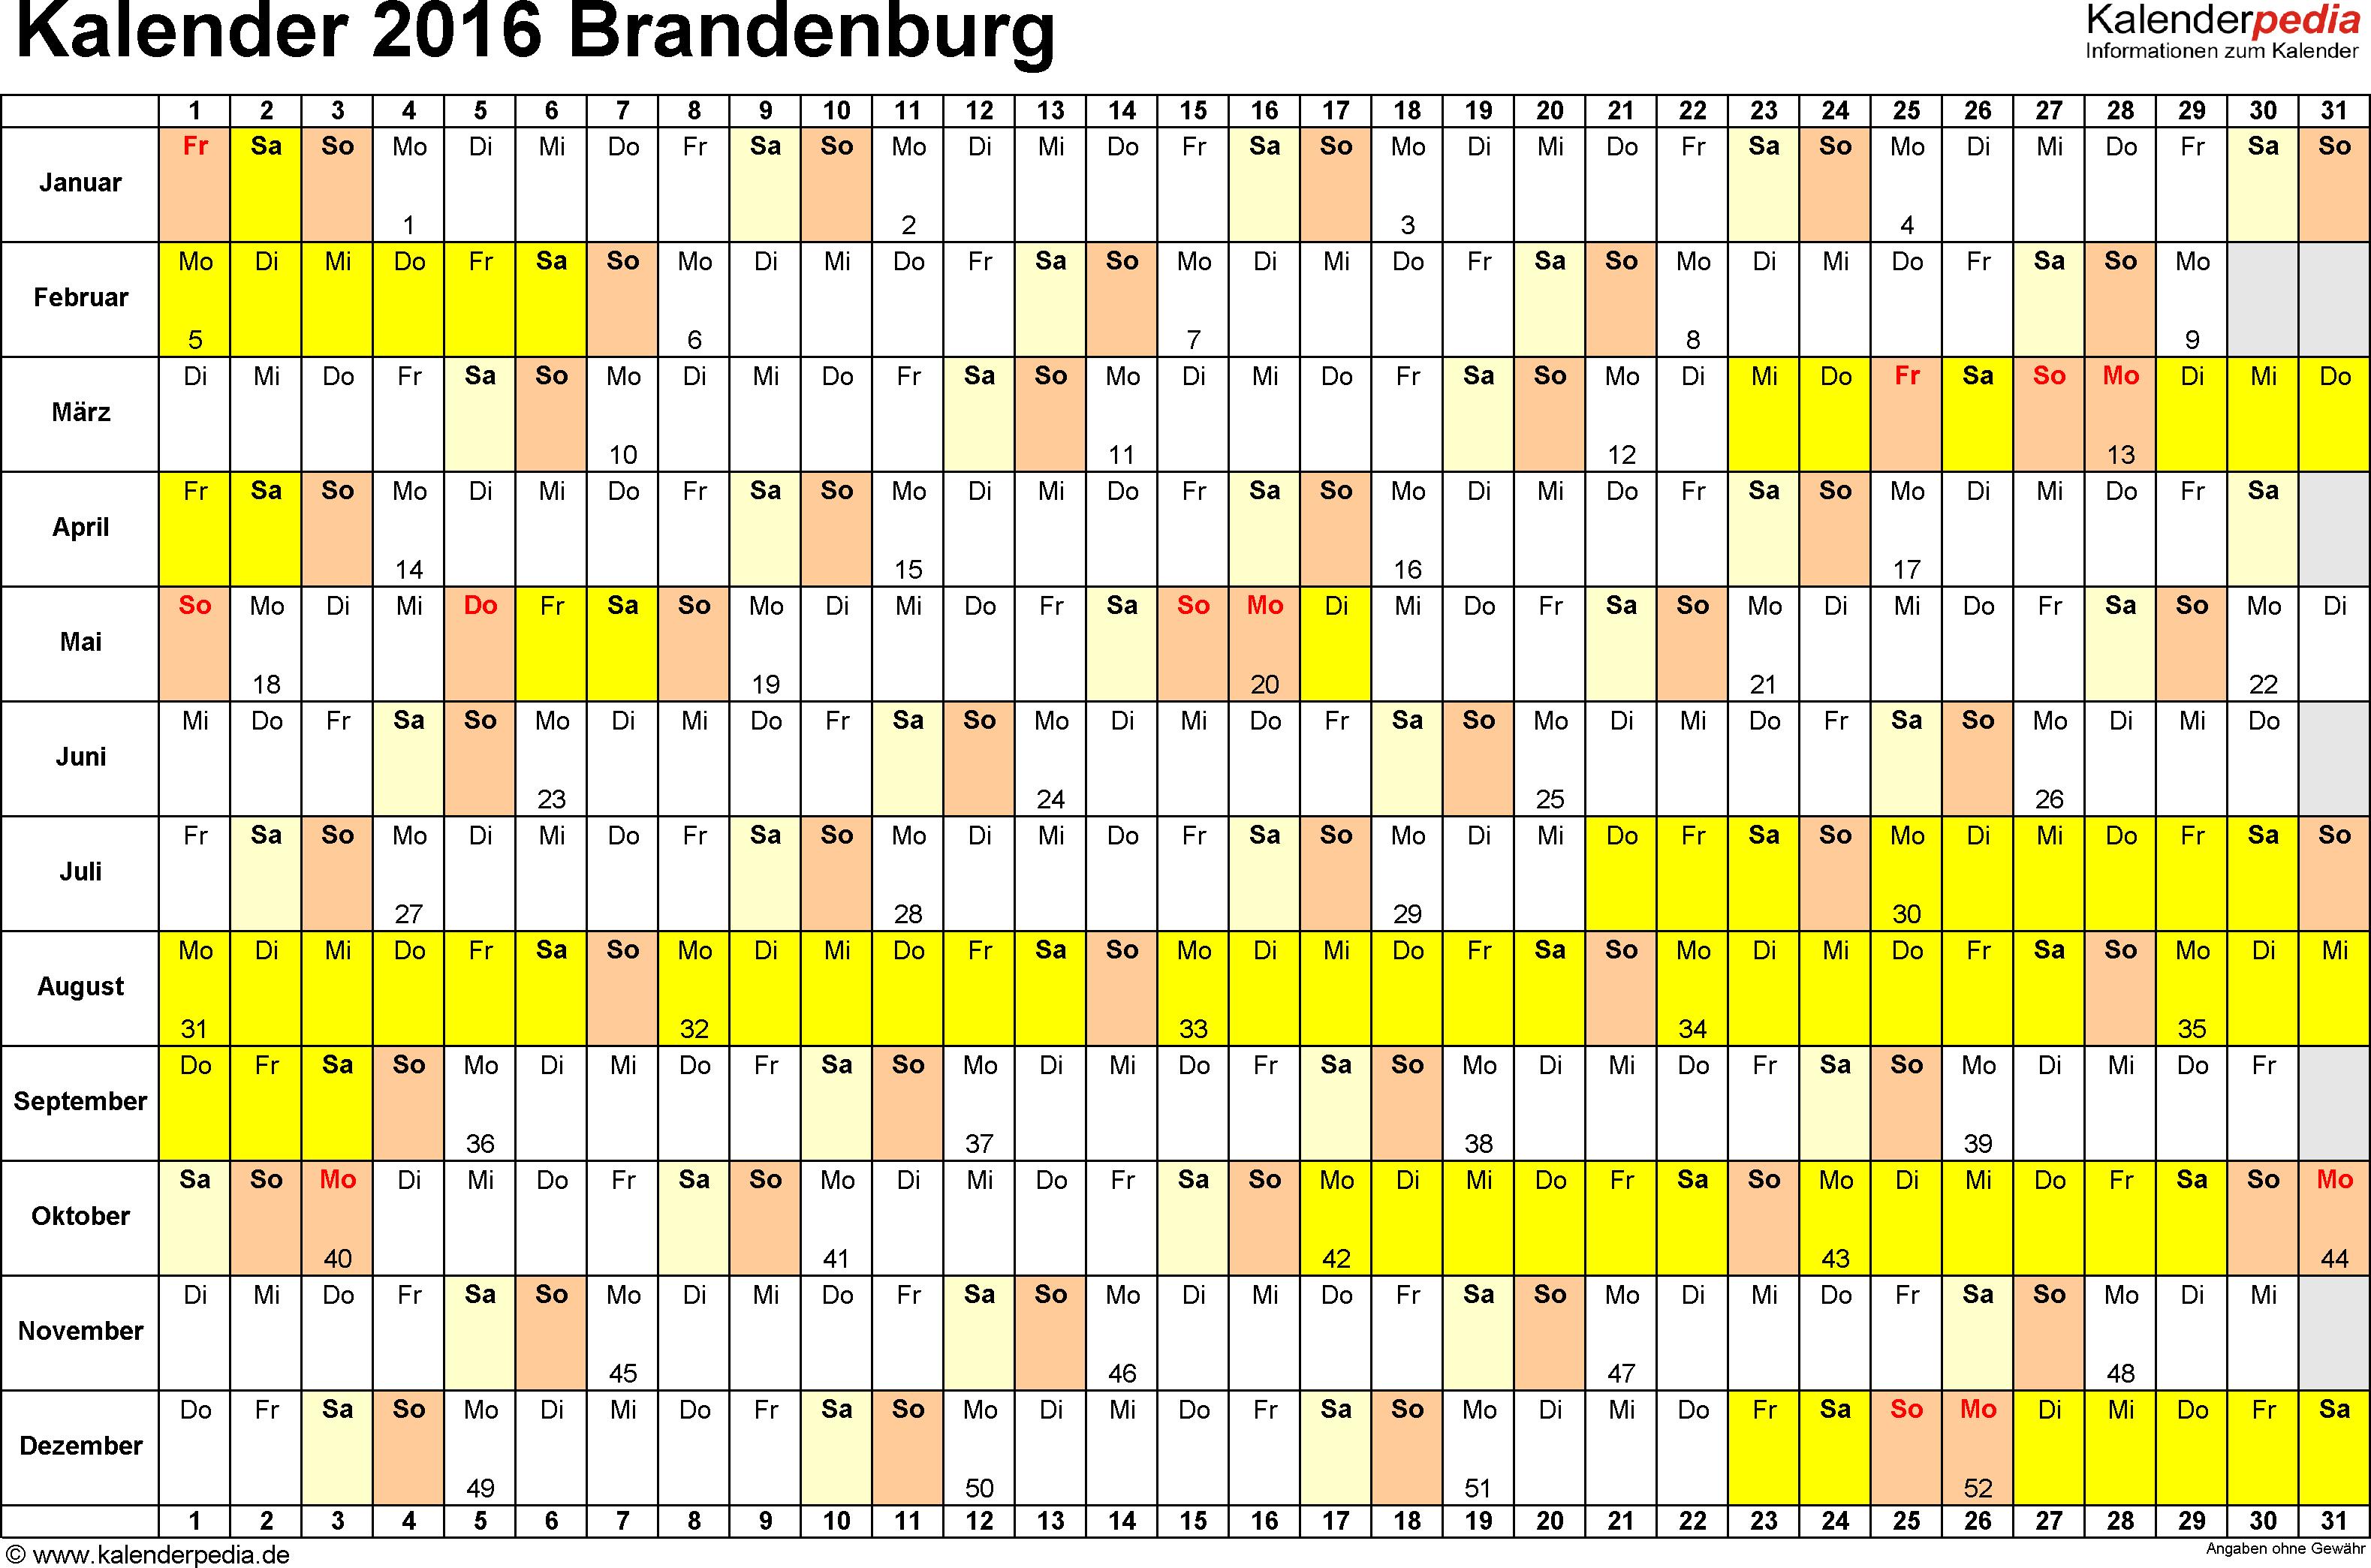 Vorlage 2: Kalender Brandenburg 2016 im Querformat, Tage nebeneinander